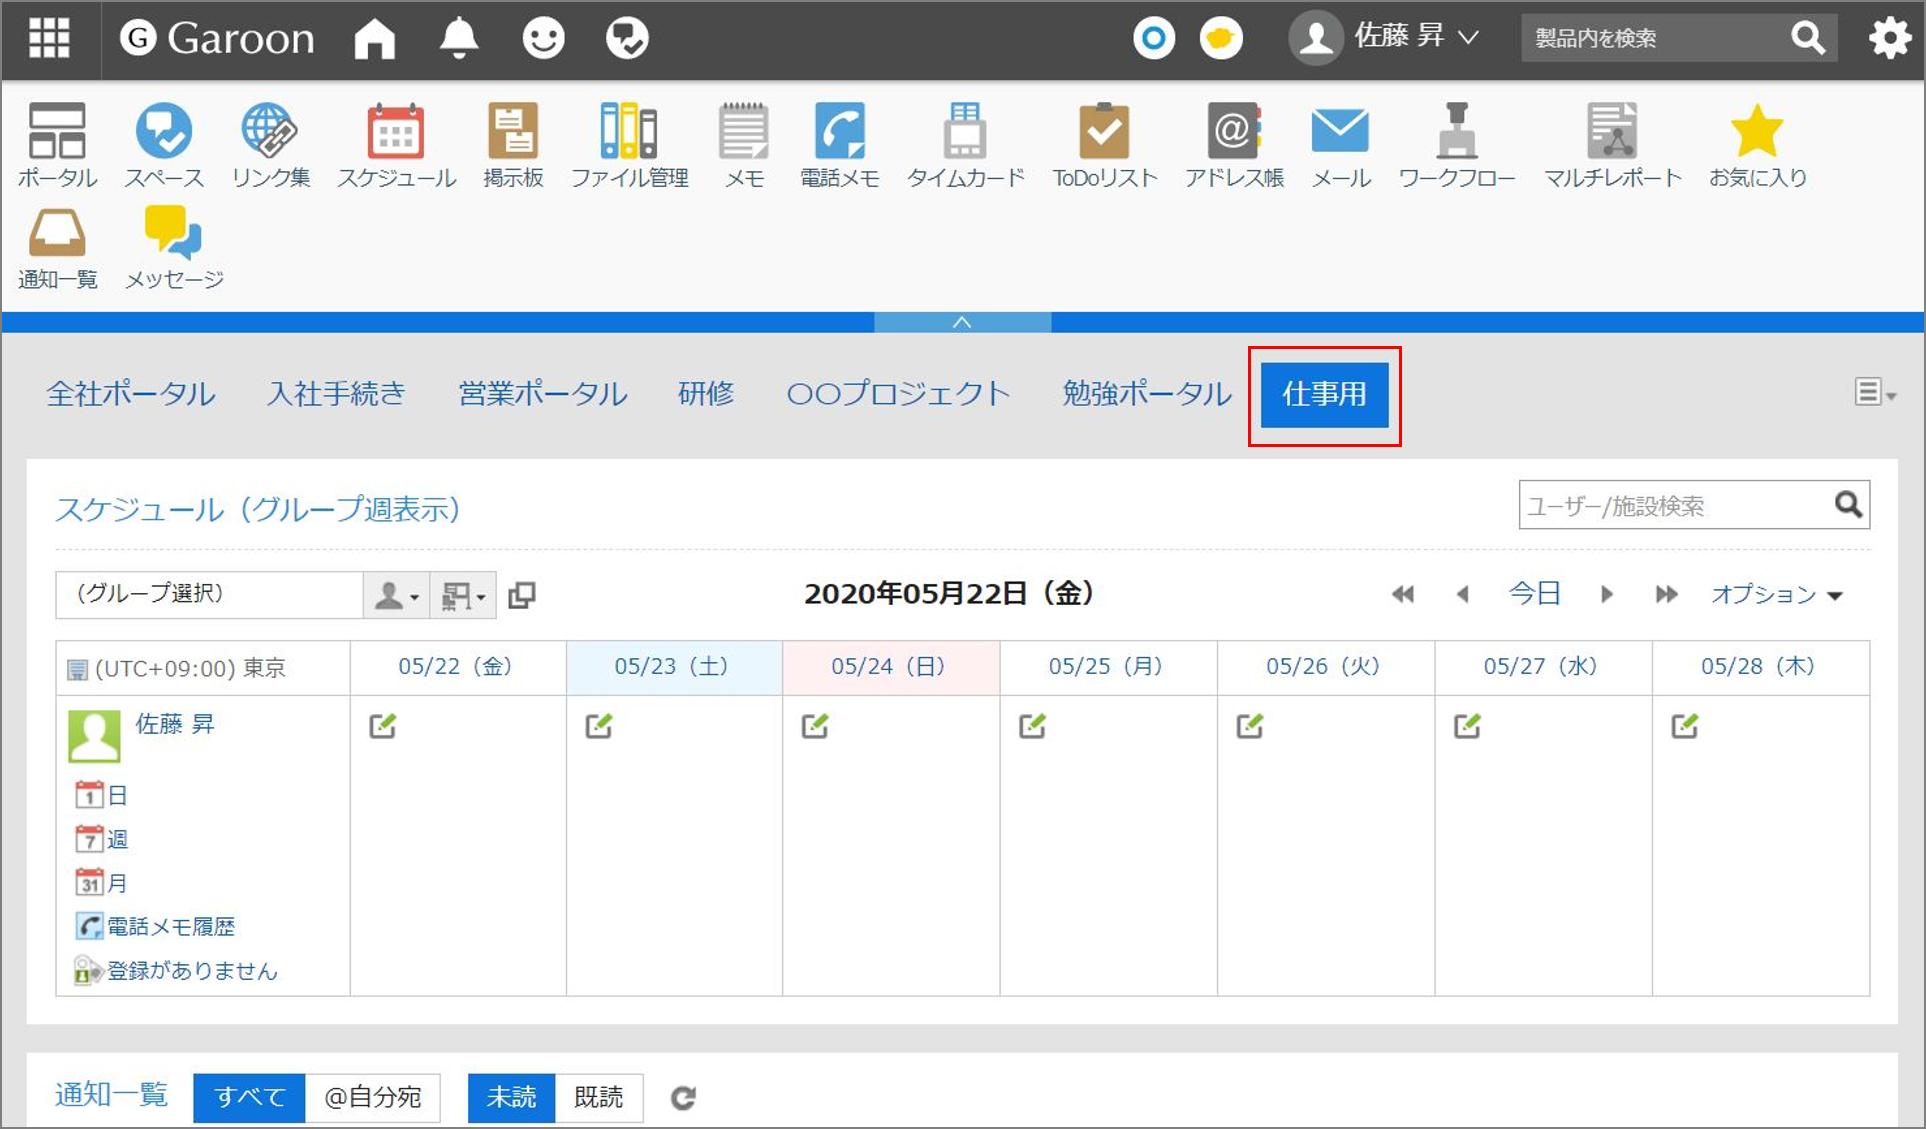 https://enterprise.cybozu.co.jp/a2f645c8697df48d1116aaed6310d5bc974d46b8.png